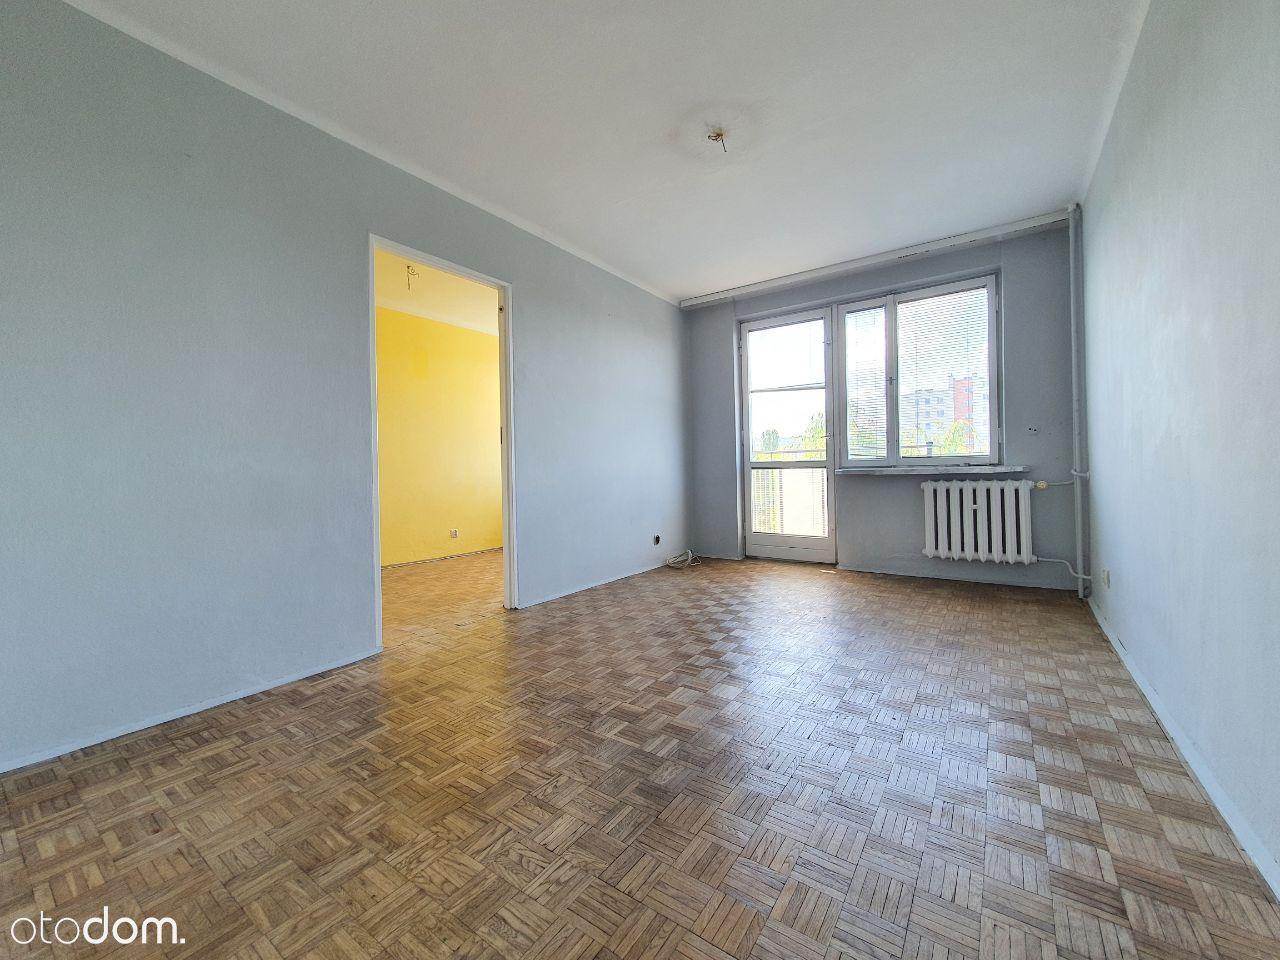 Mieszkanie 49 m2 Ul. Rejtana, Al. Niepodległości 7